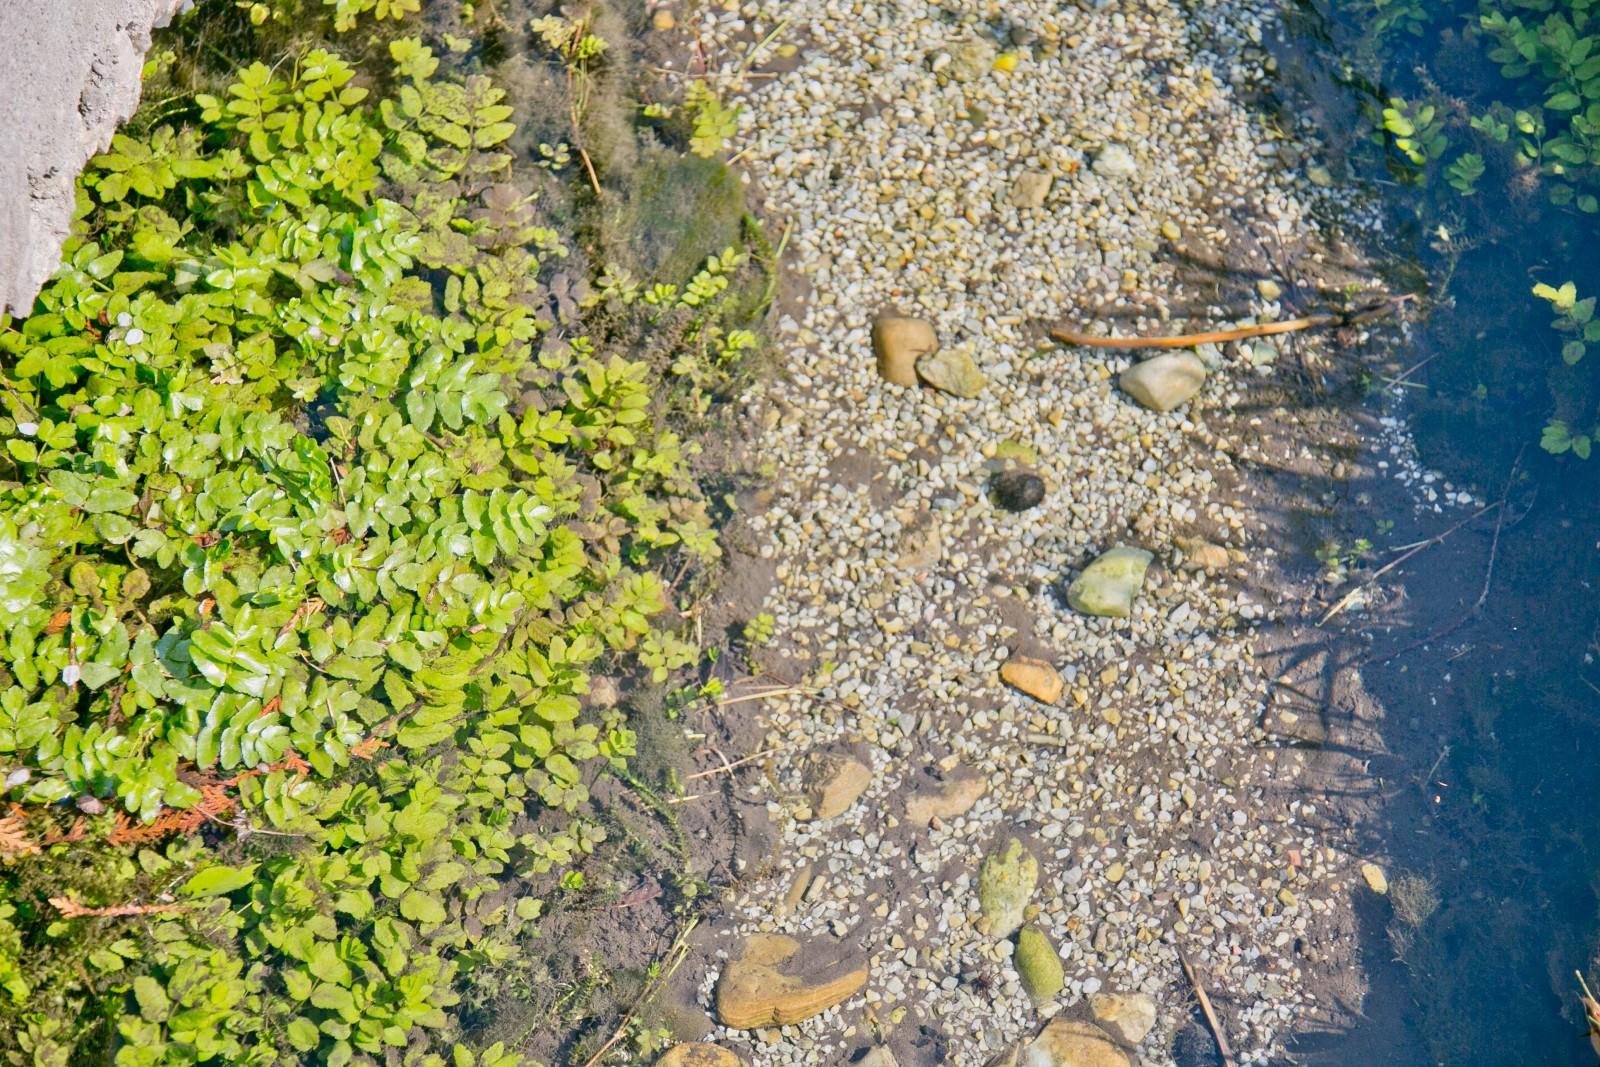 Brunnenkresse als Zeichen für perfekte Trinkwasserqualität